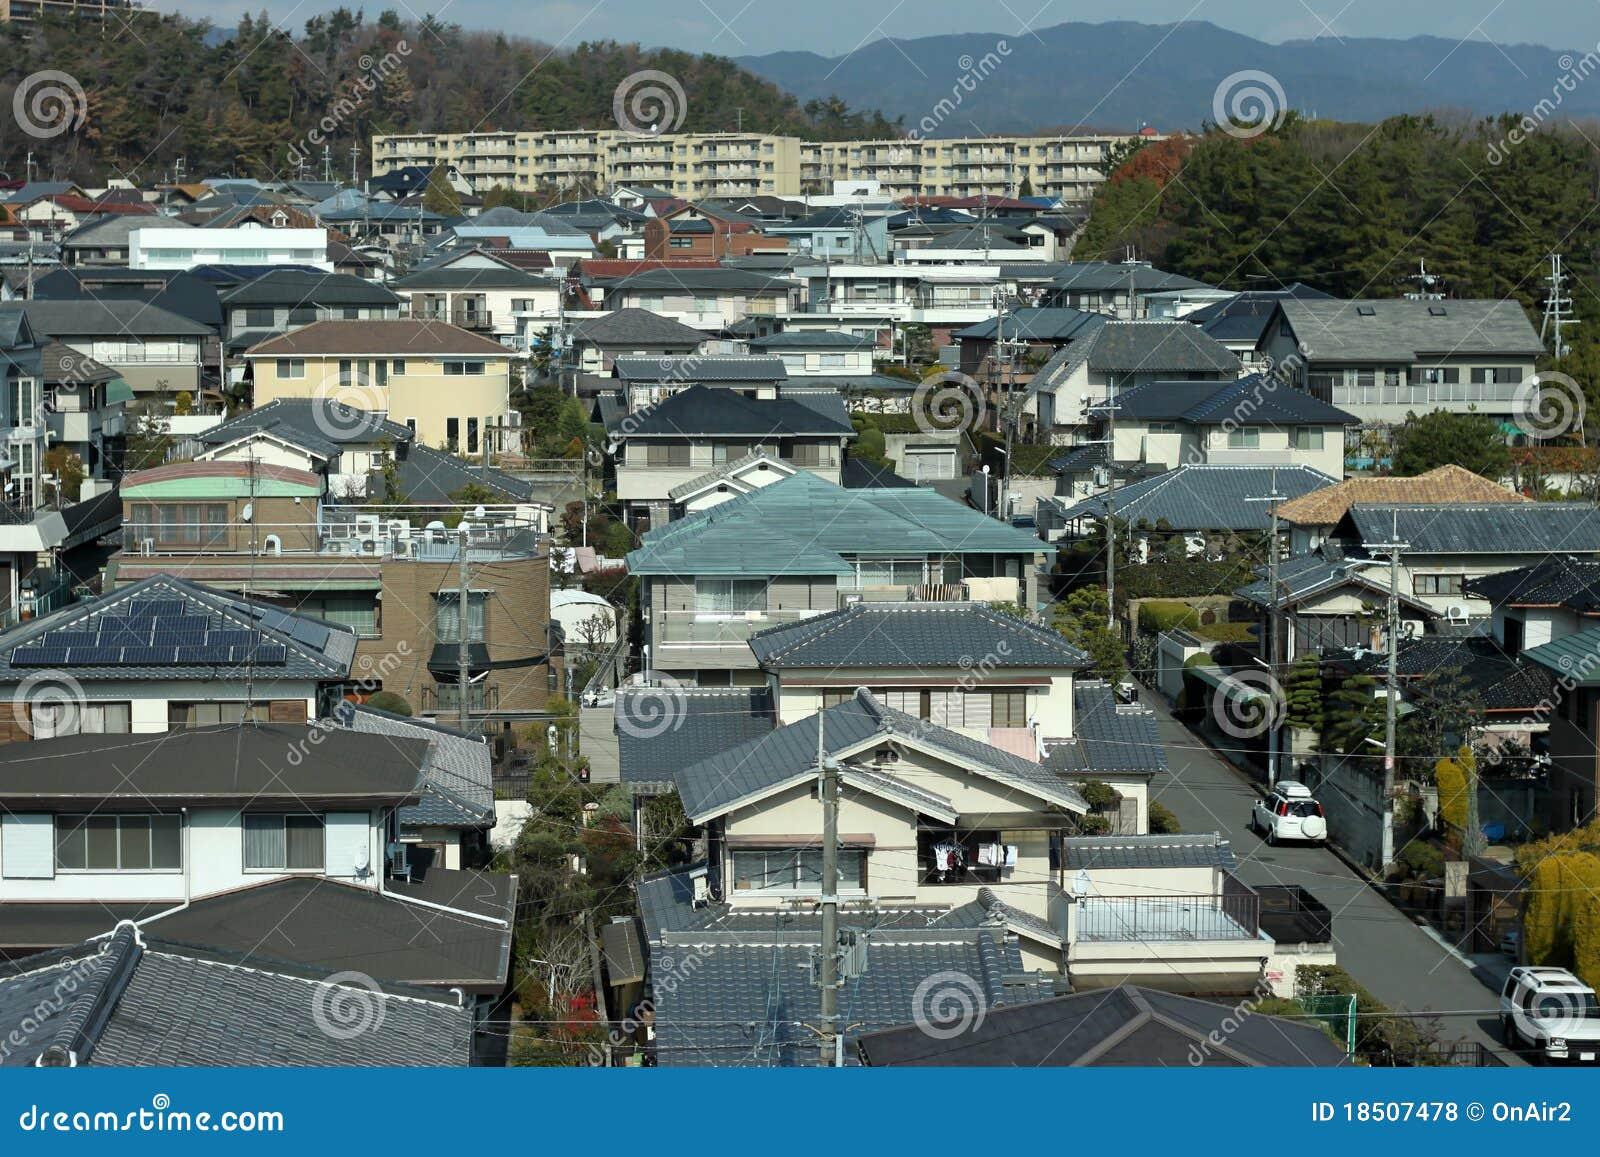 [Palomar]Busca al pervertido. ¿Acaso ese es un arbol con binoculares? Japanese-suburbia-18507478